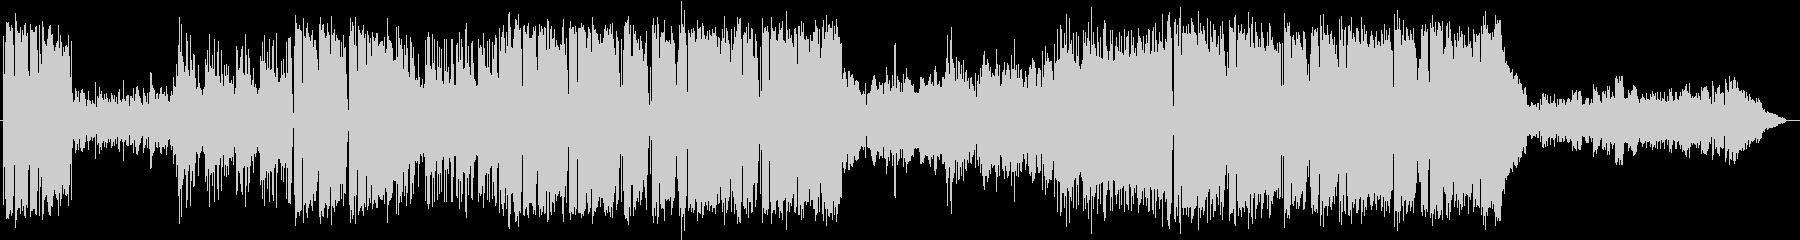 サックスのミディアムテンポのポップスの未再生の波形